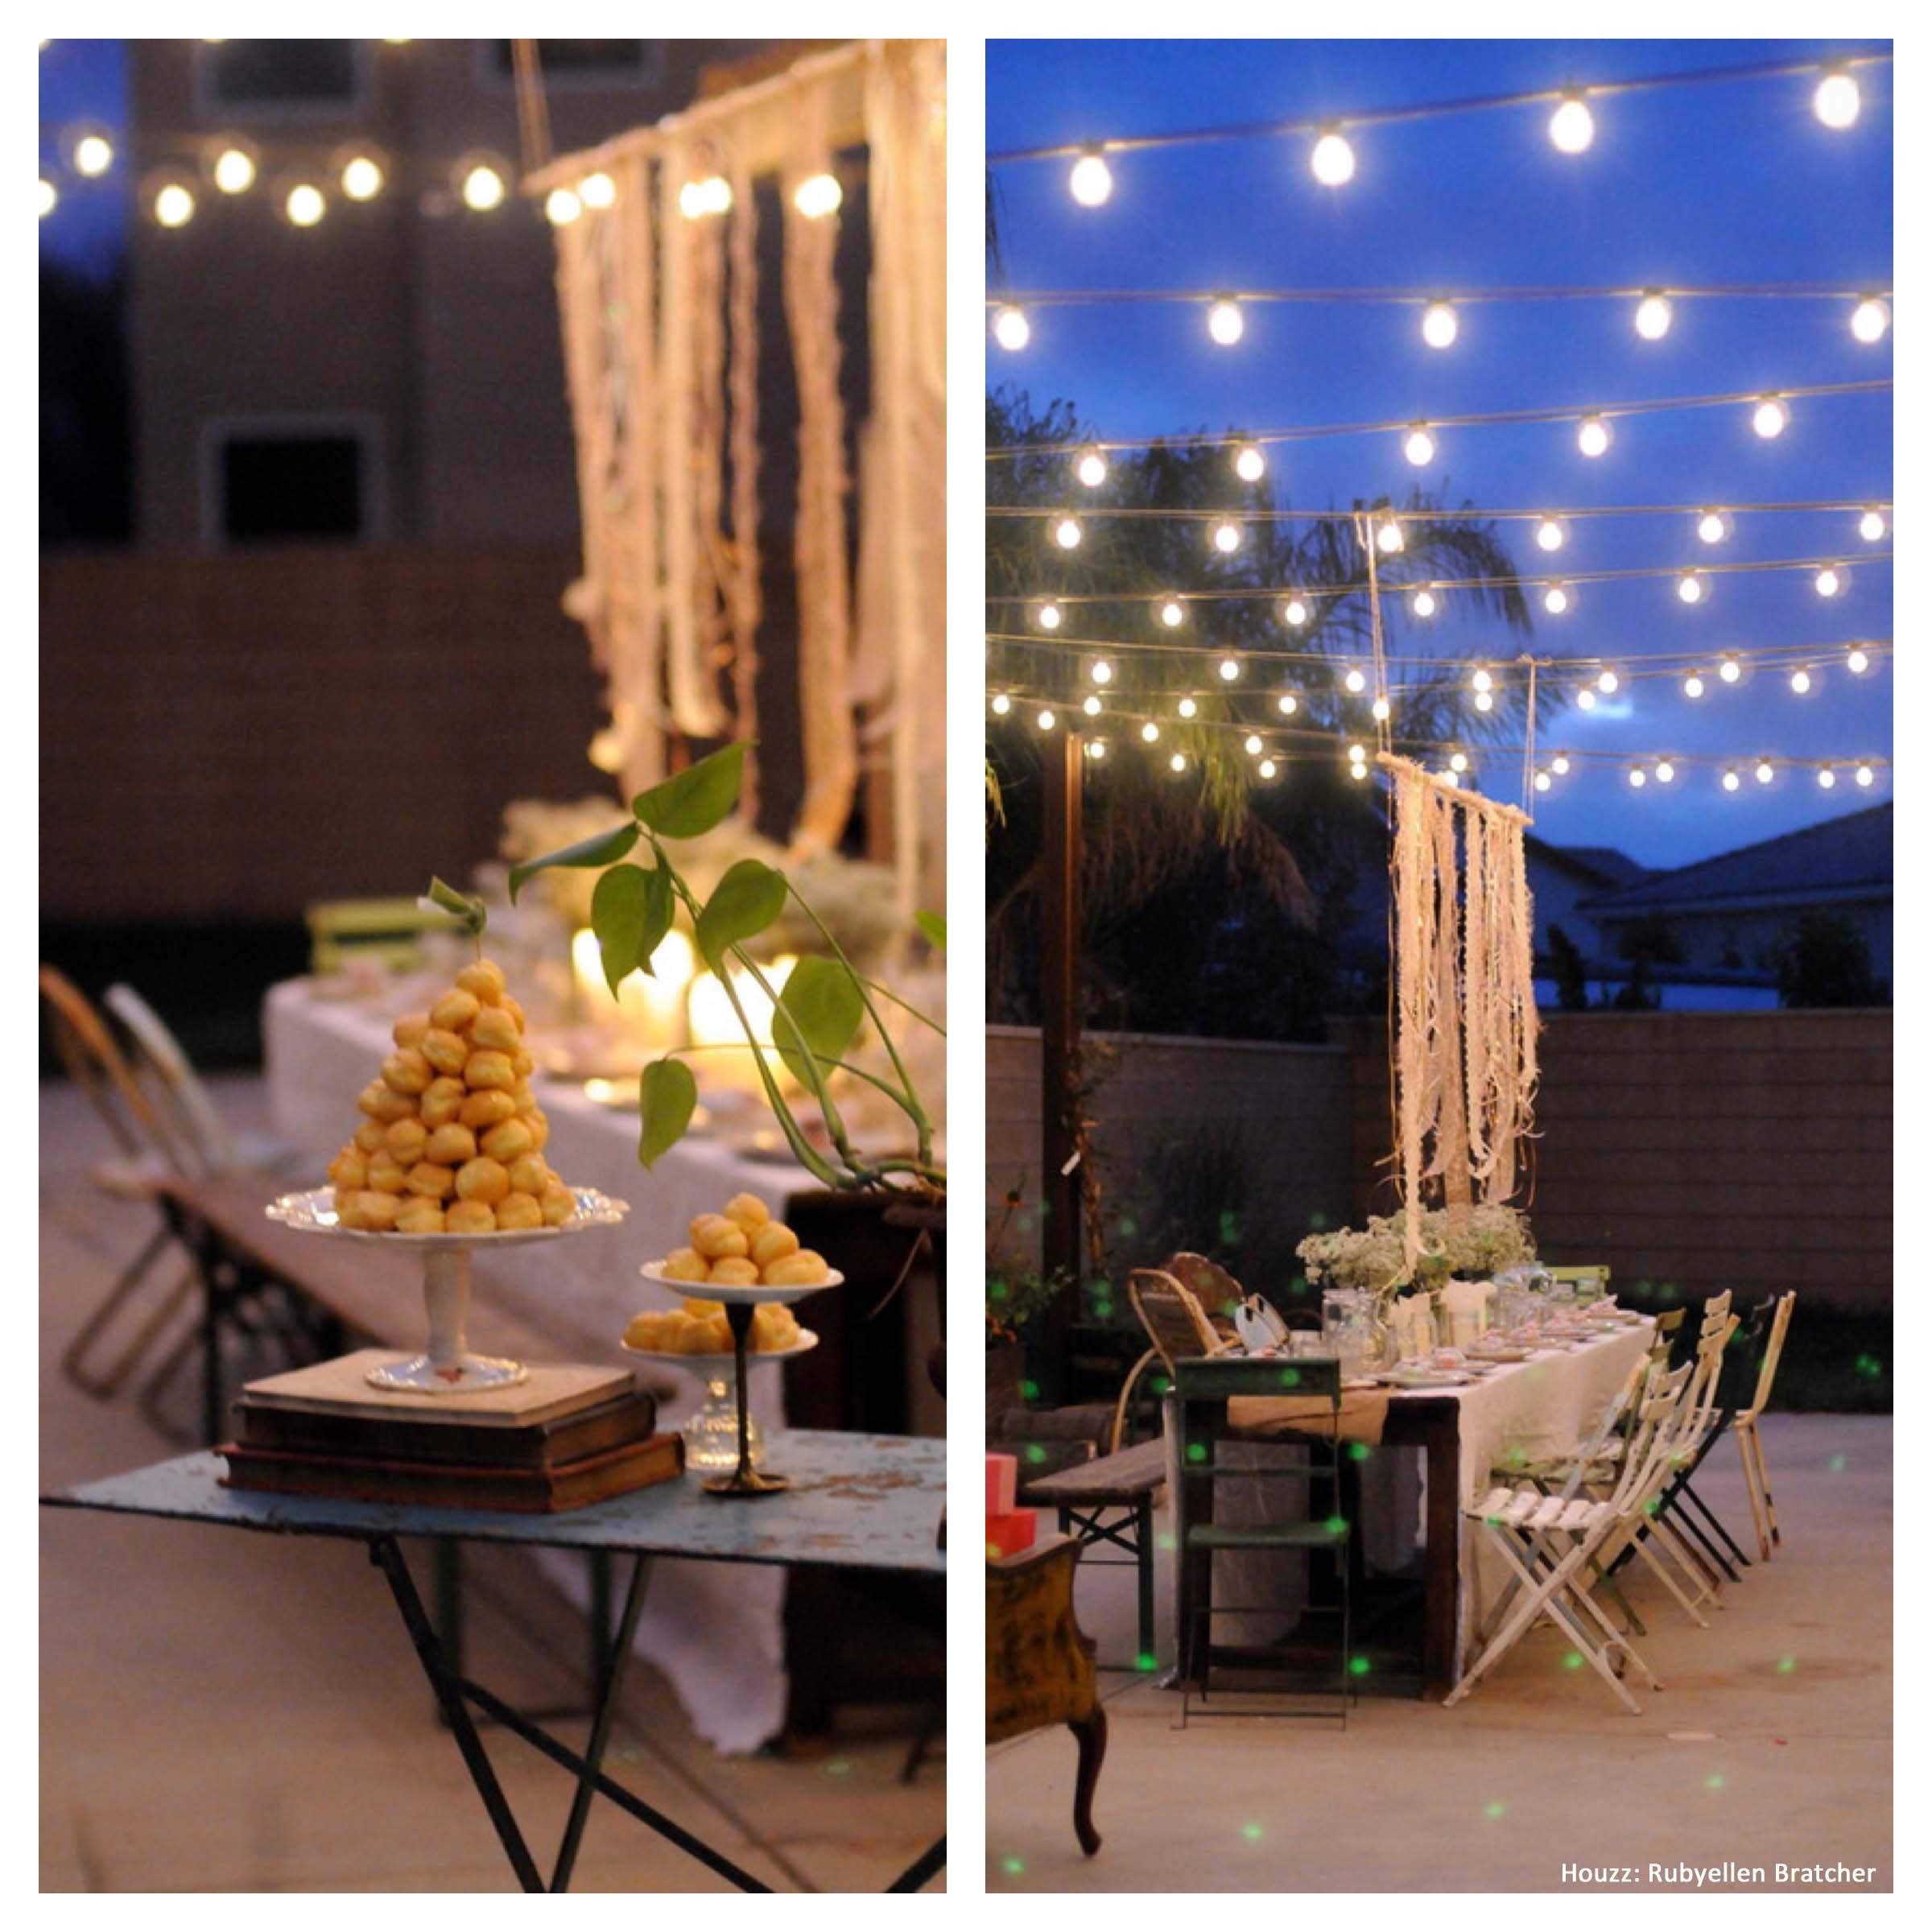 Party In Backyard Ideas  Backyard Party Ideas